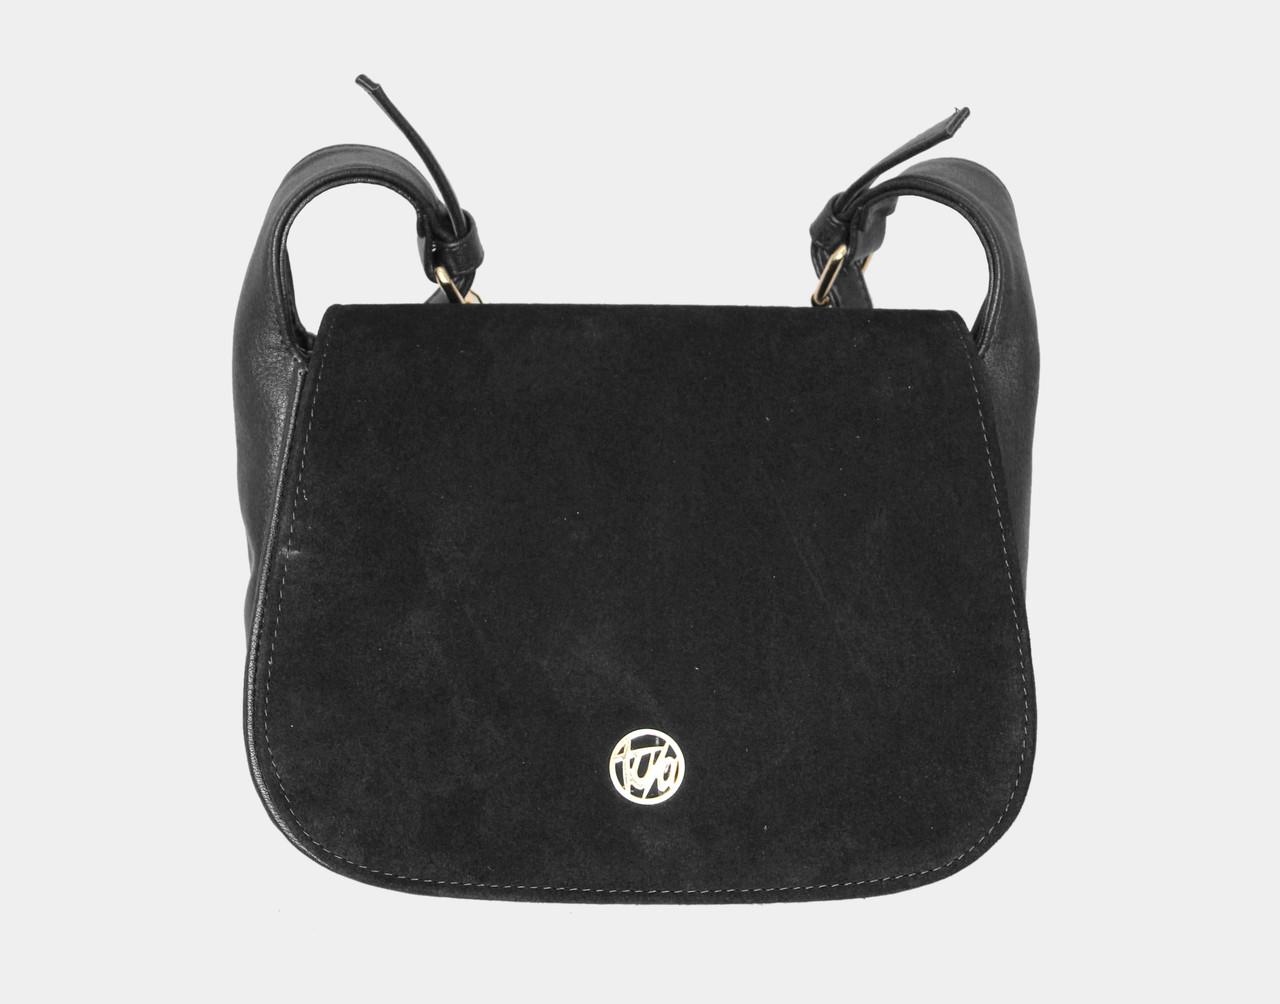 2ba1efa81c57 Маленькі сумочки: корисні поради та хитрощі. Статті компанії «Рідна ...